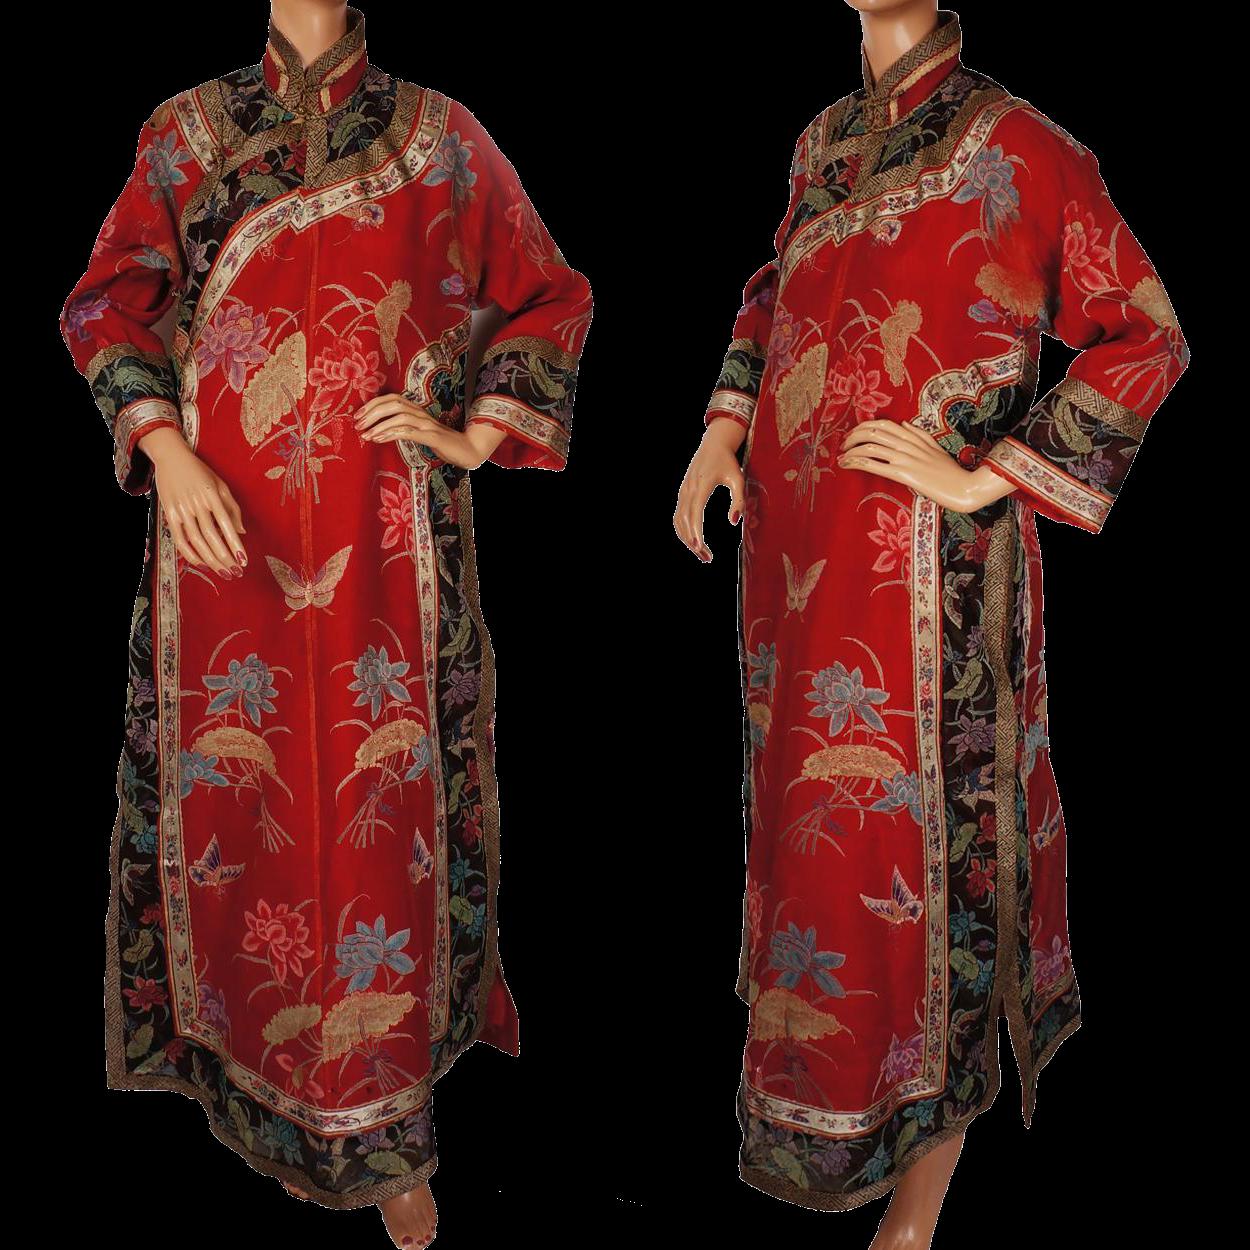 Chinese Kimono Dress